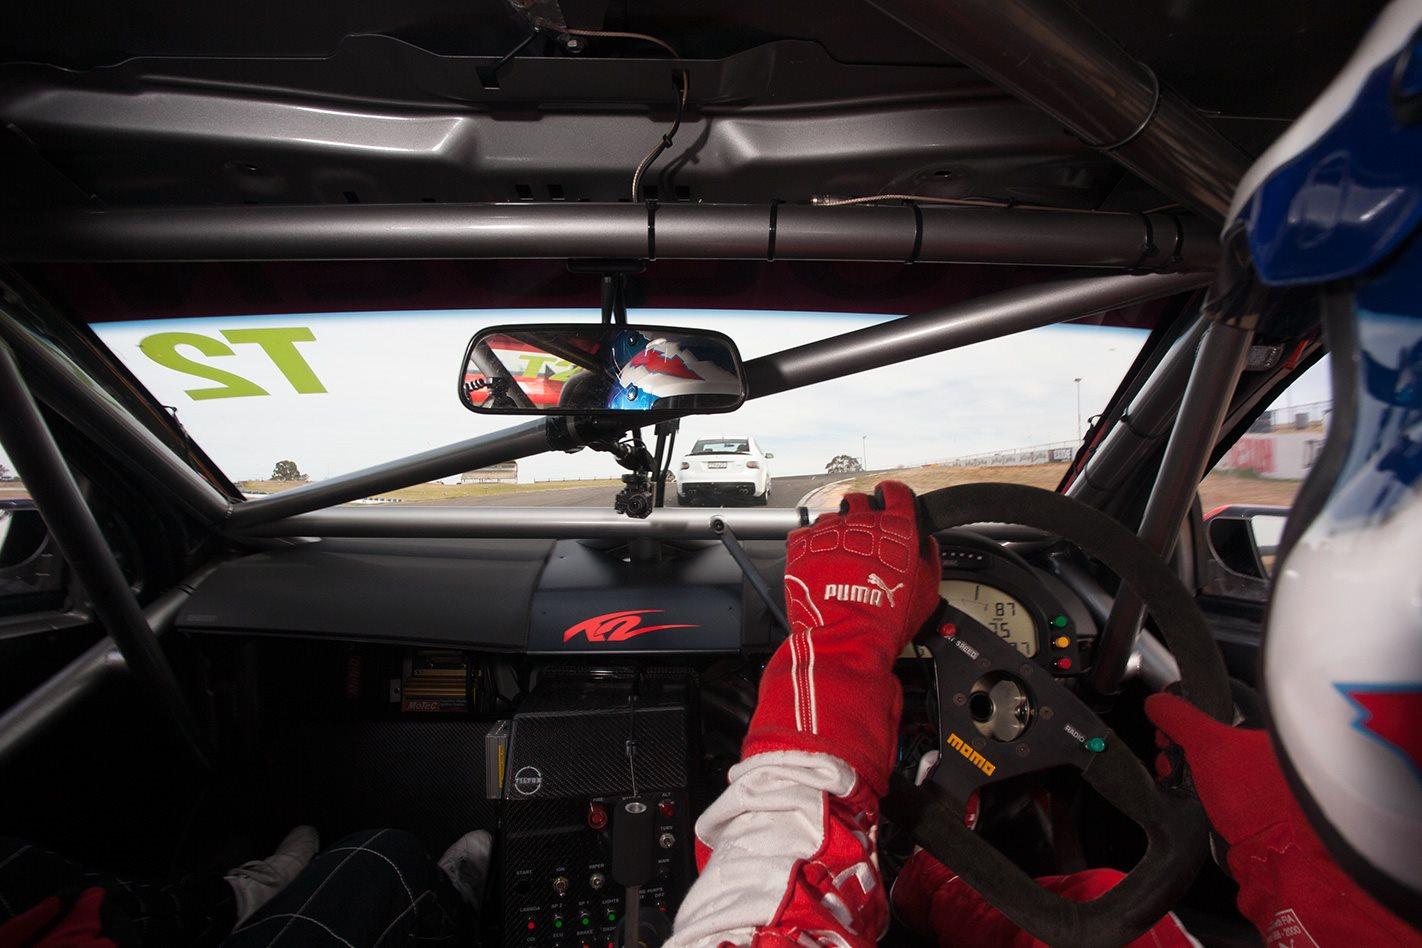 HSV-V8-Supercar-interior.jpg